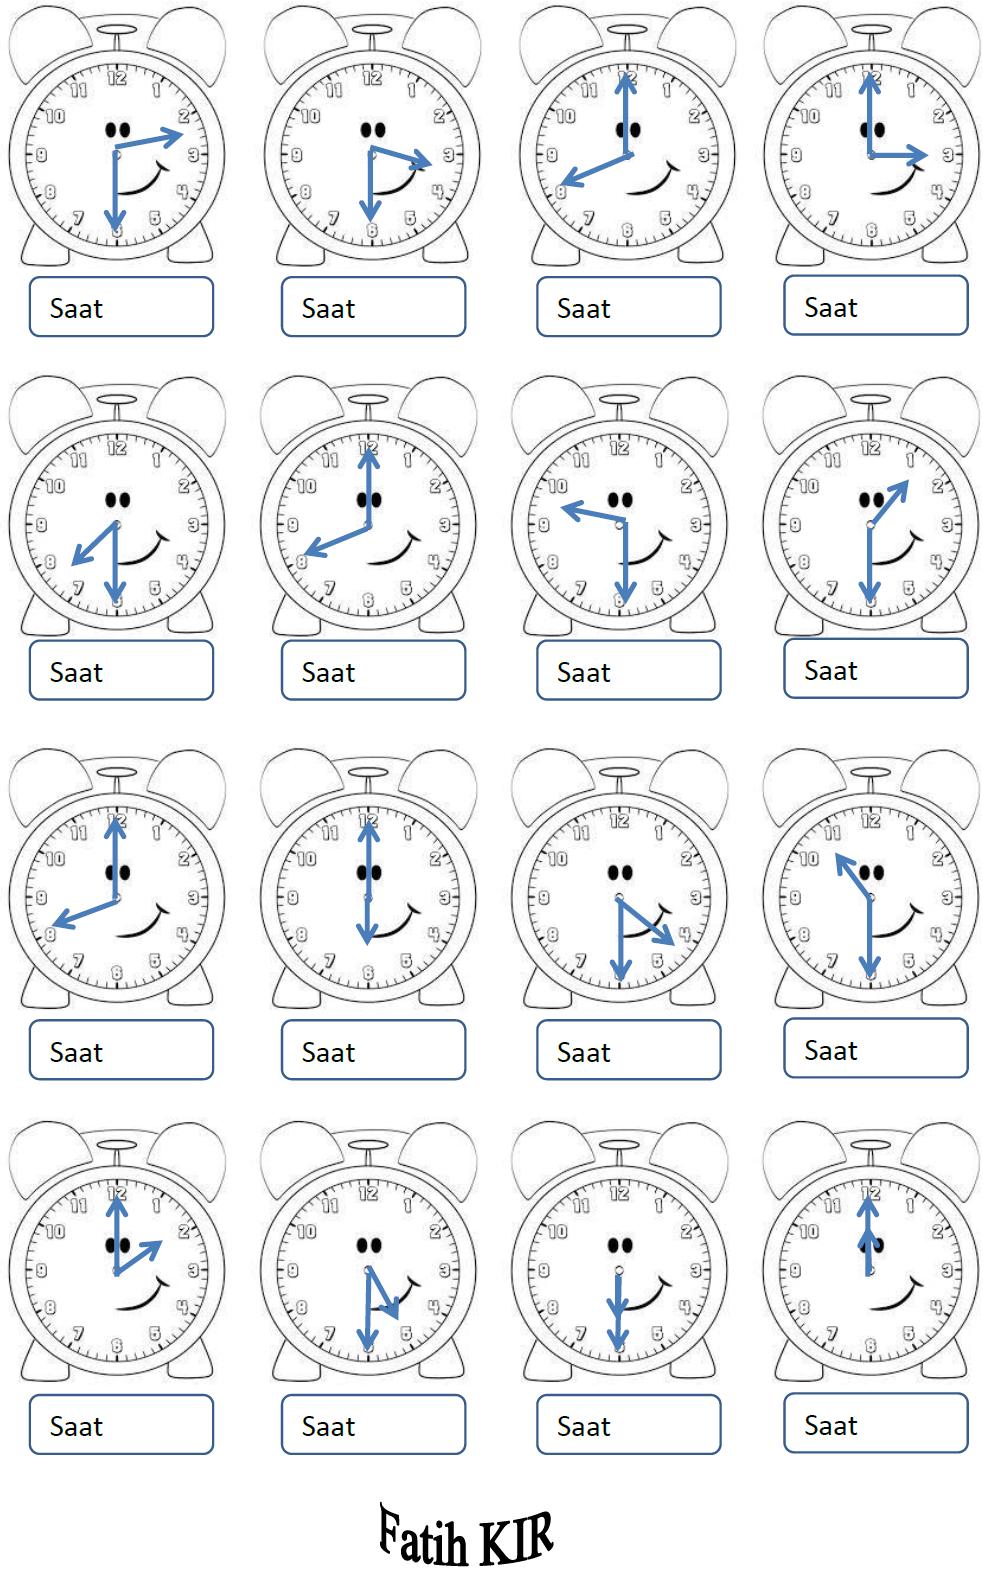 2 Sınıf Matematik Tam Ve Yarım Saatler Okuma çalışması Etkinliği